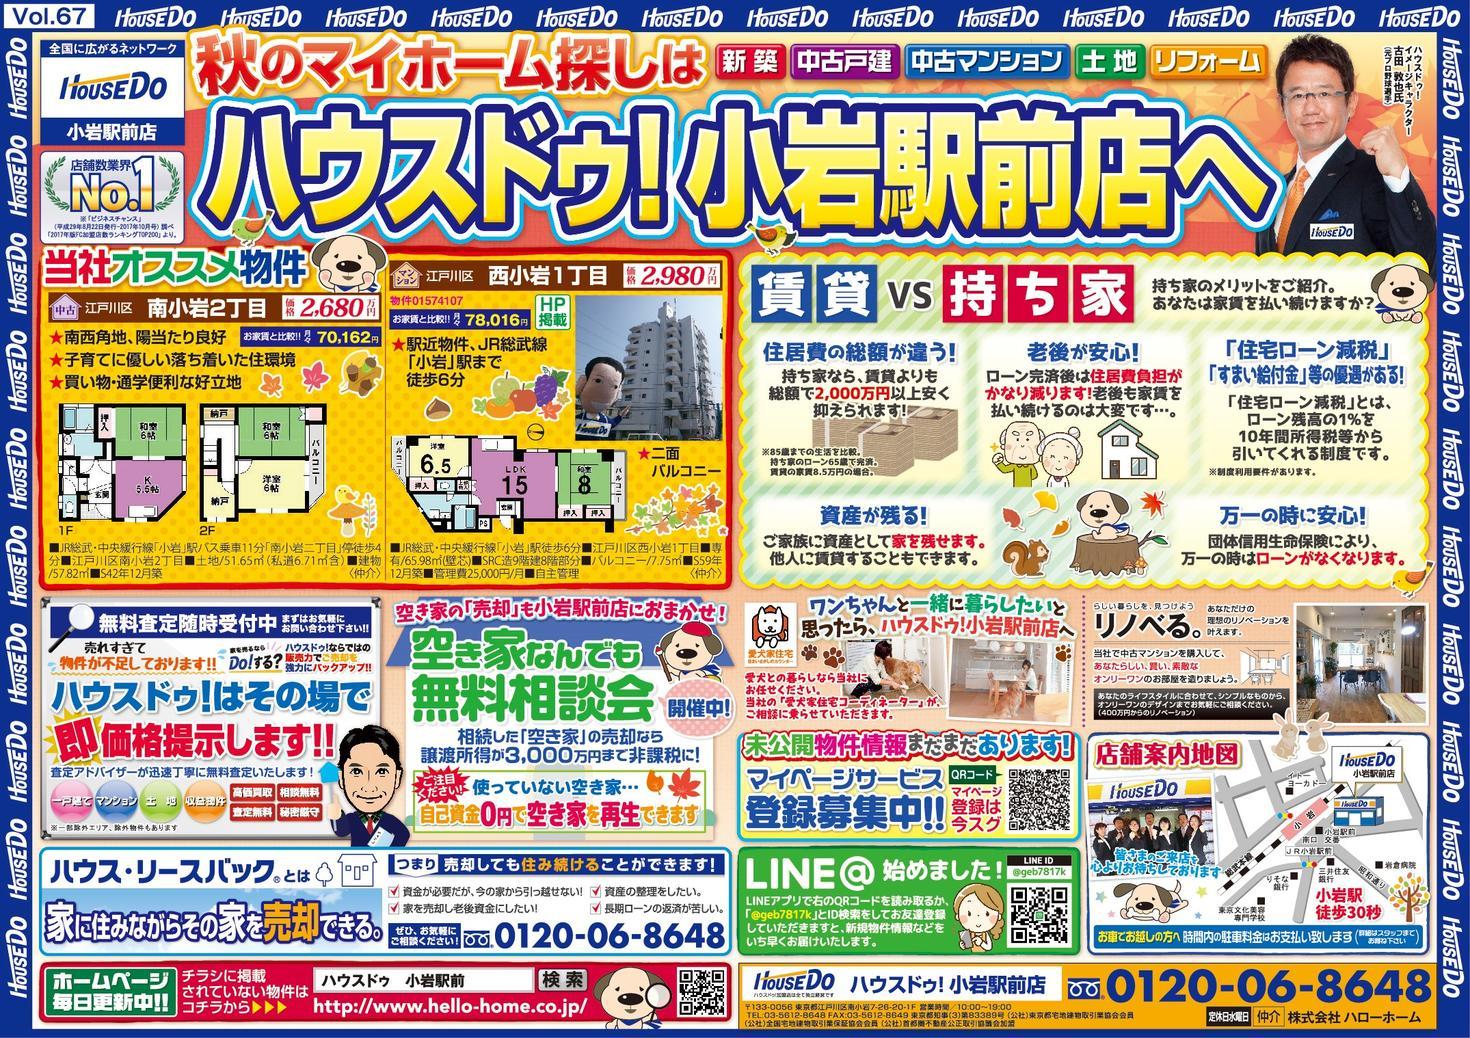 ハウスドゥ!小岩駅前店 ~不動産売買チラシVol.67~